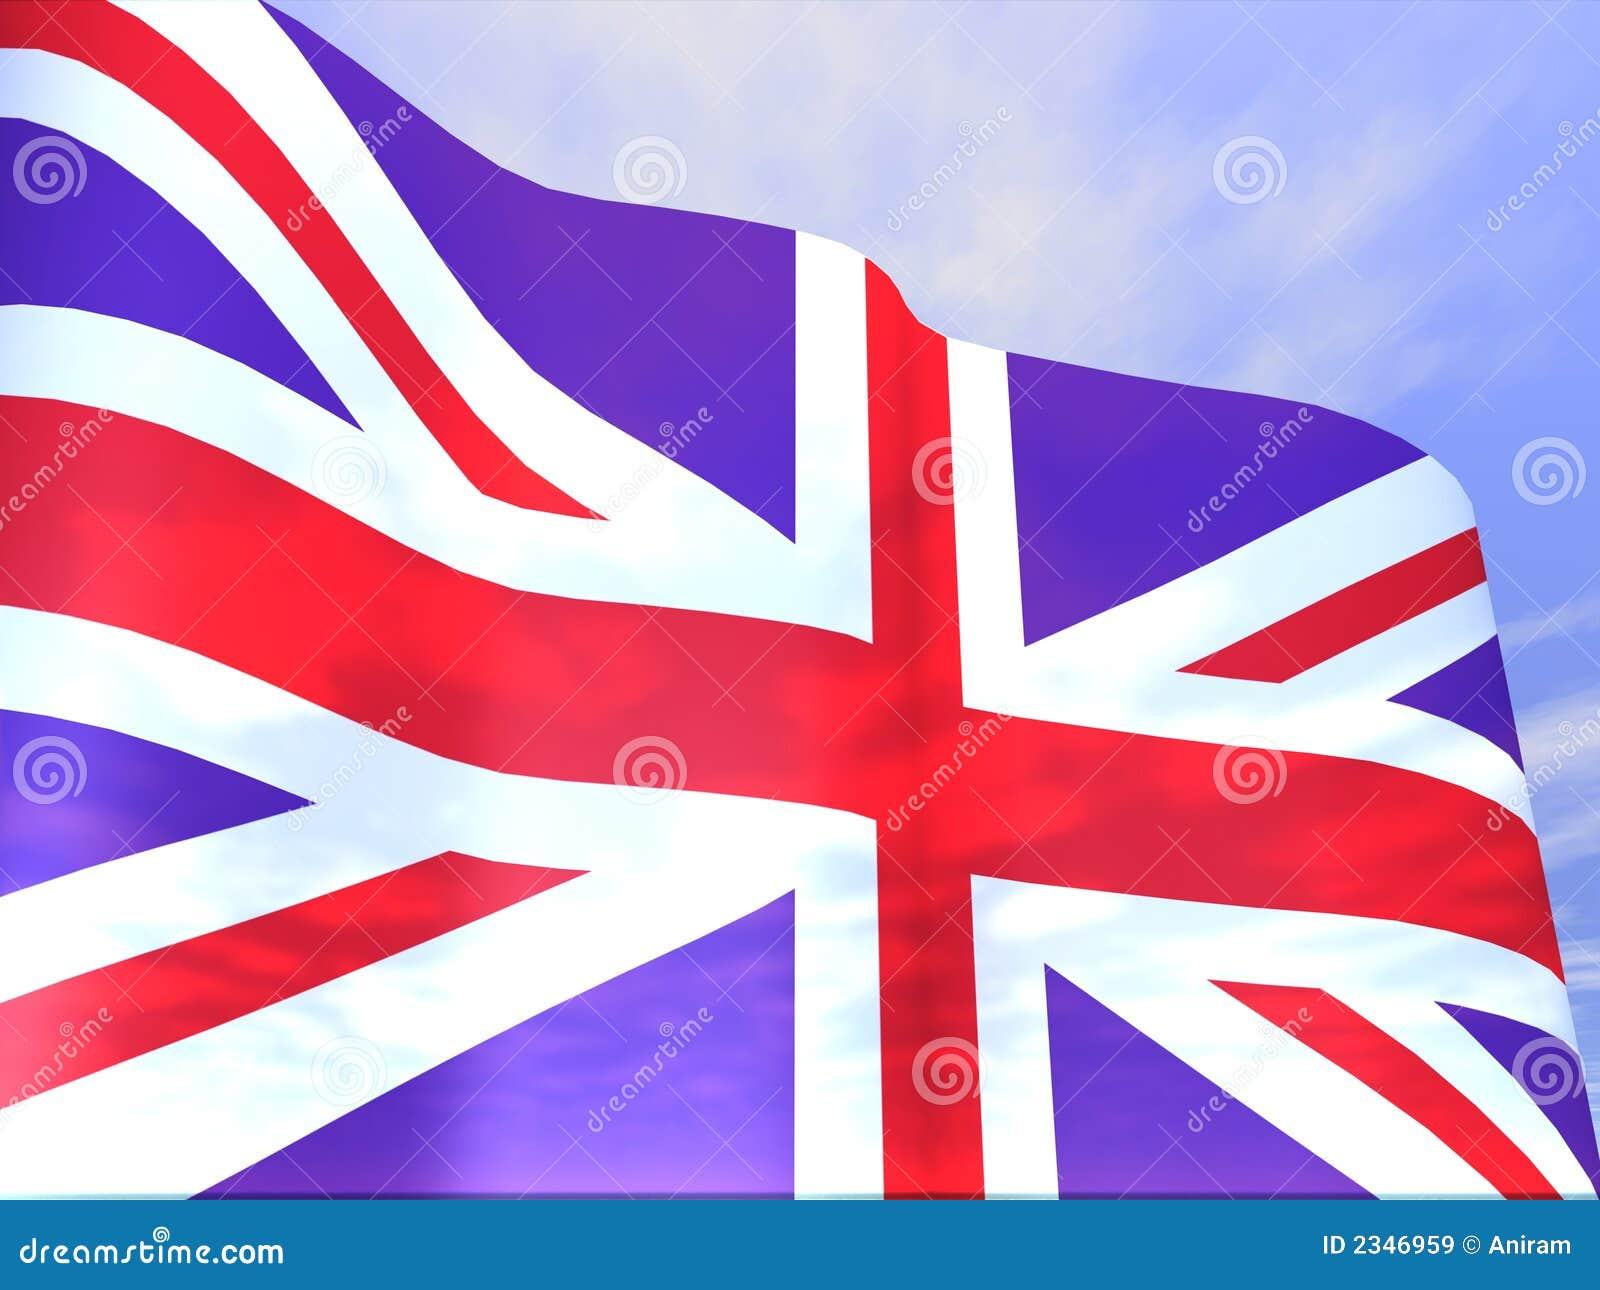 Uk british flag royalty free stock images image 2346959 - Uk flag images free ...